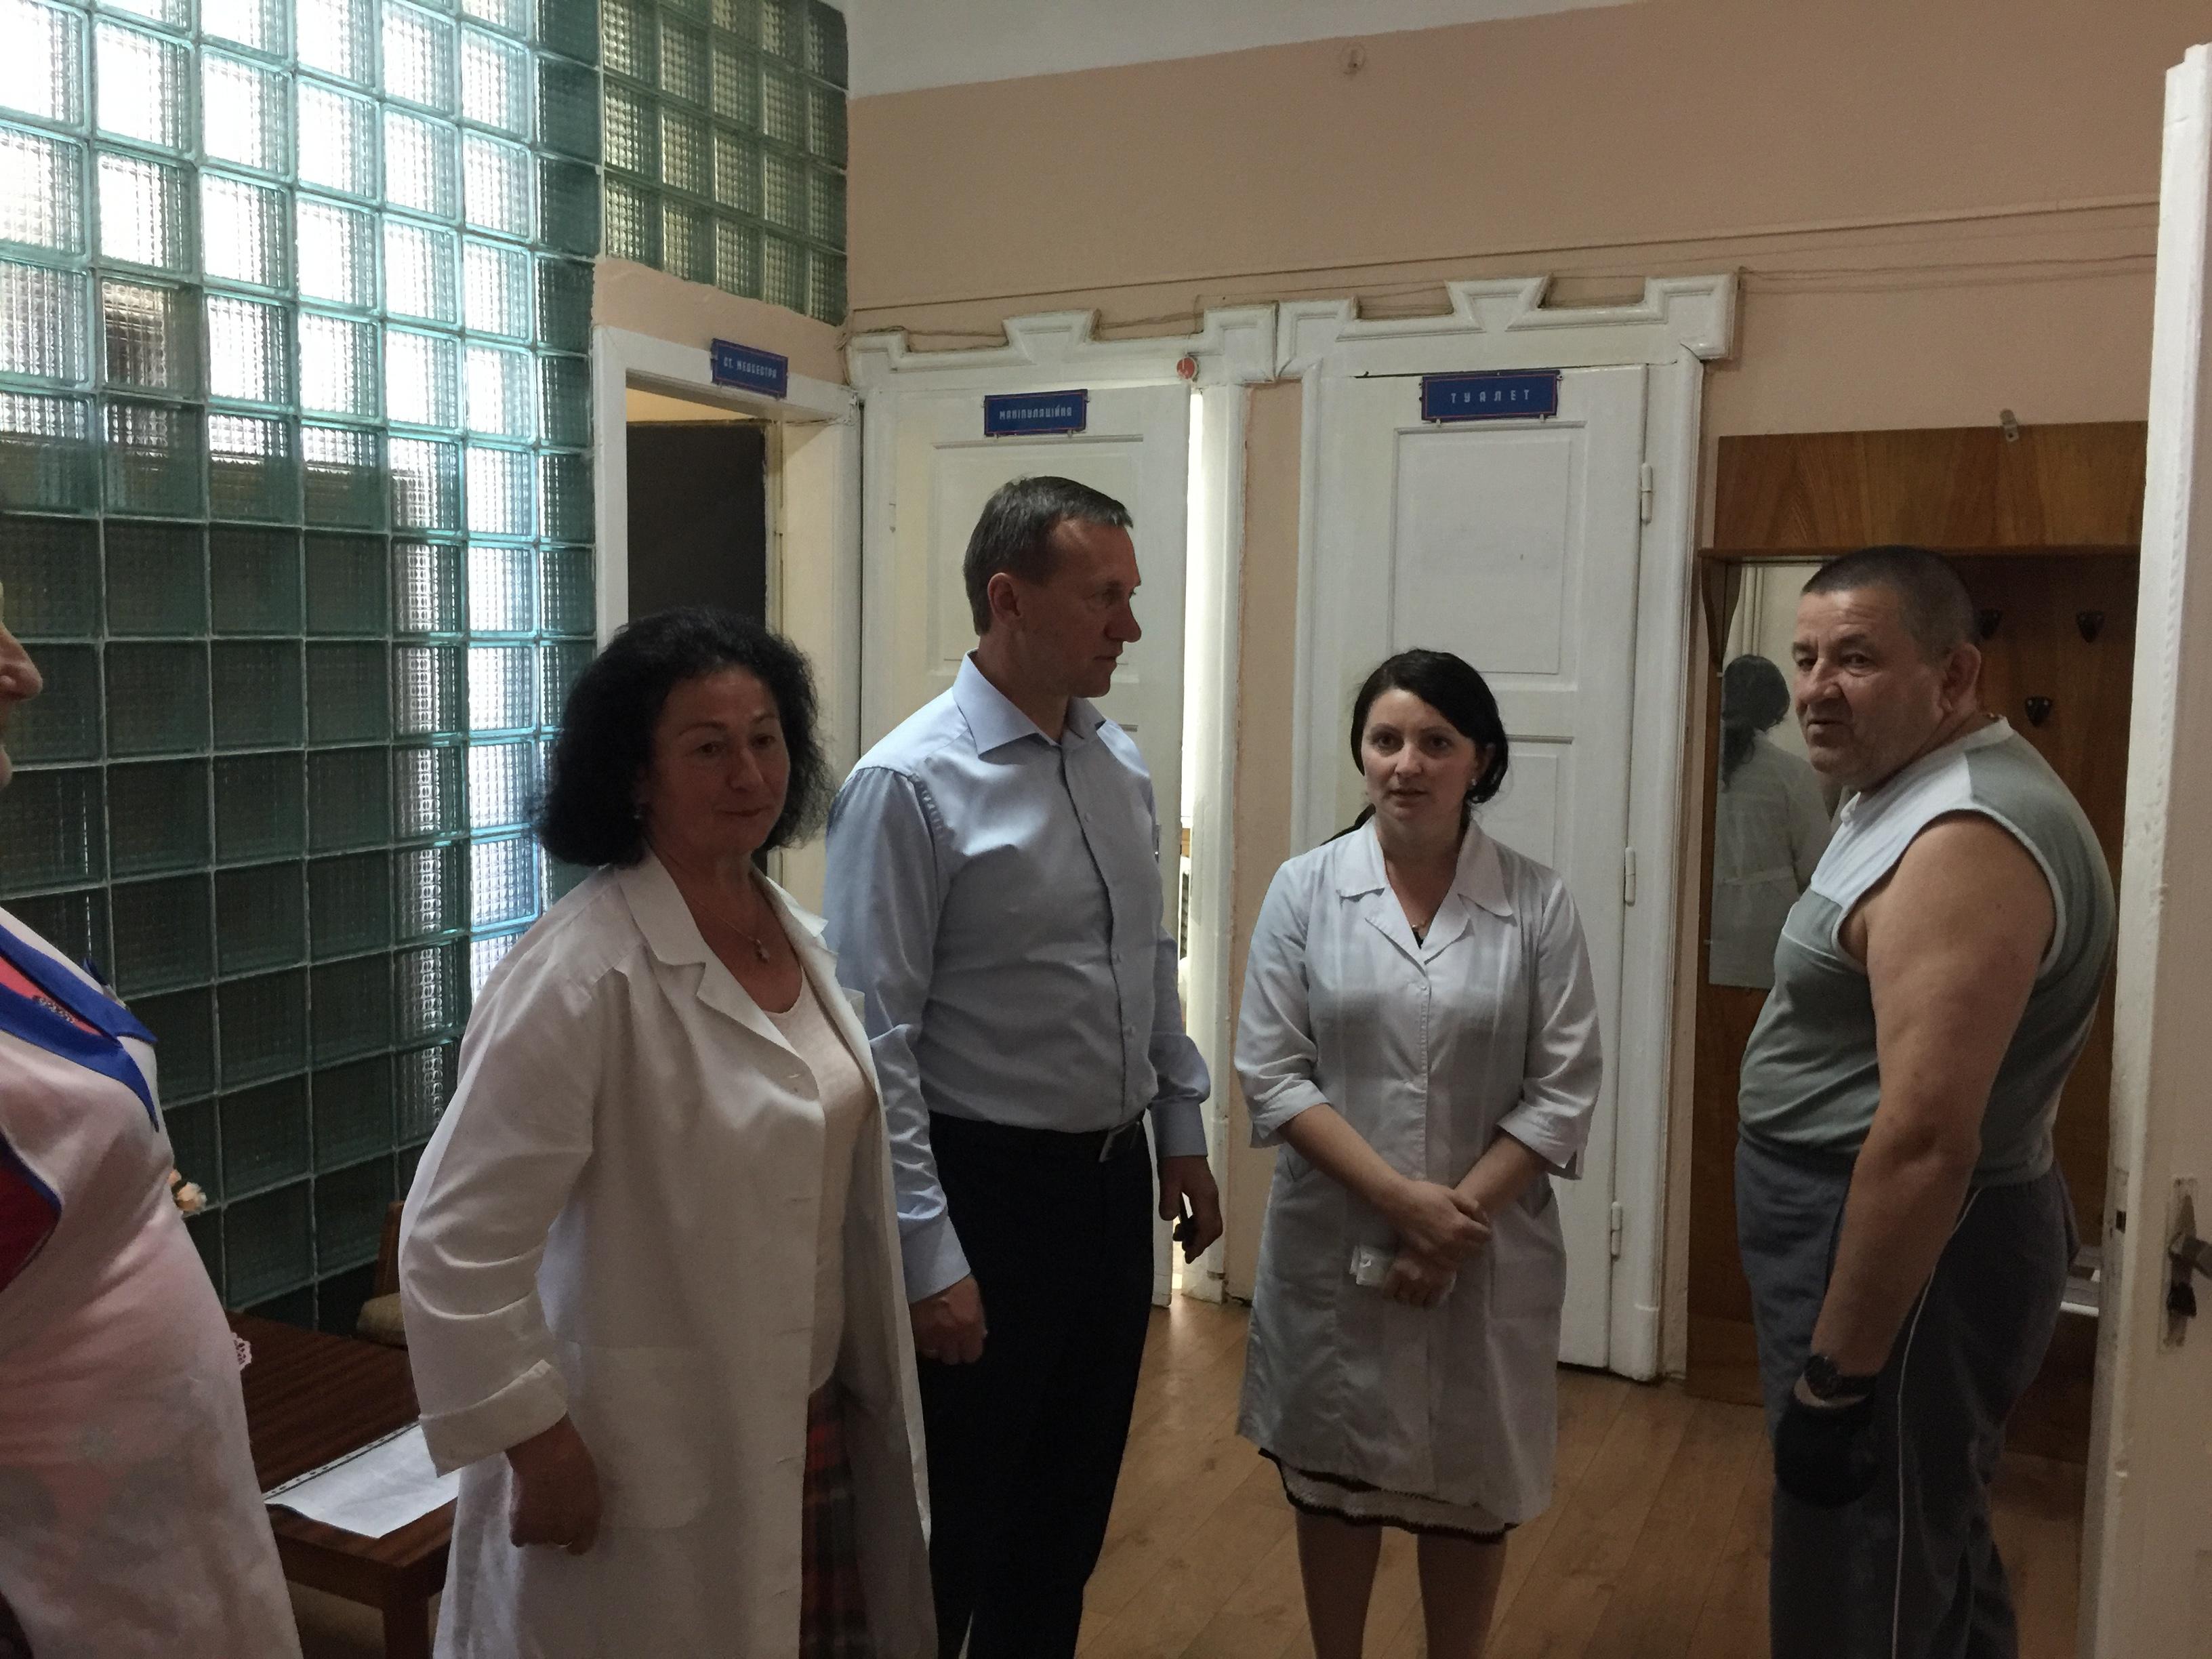 Мер Ужгорода пообіцяв ліквідувати ремонтні жахи місцевого психдиспансеру (фото)